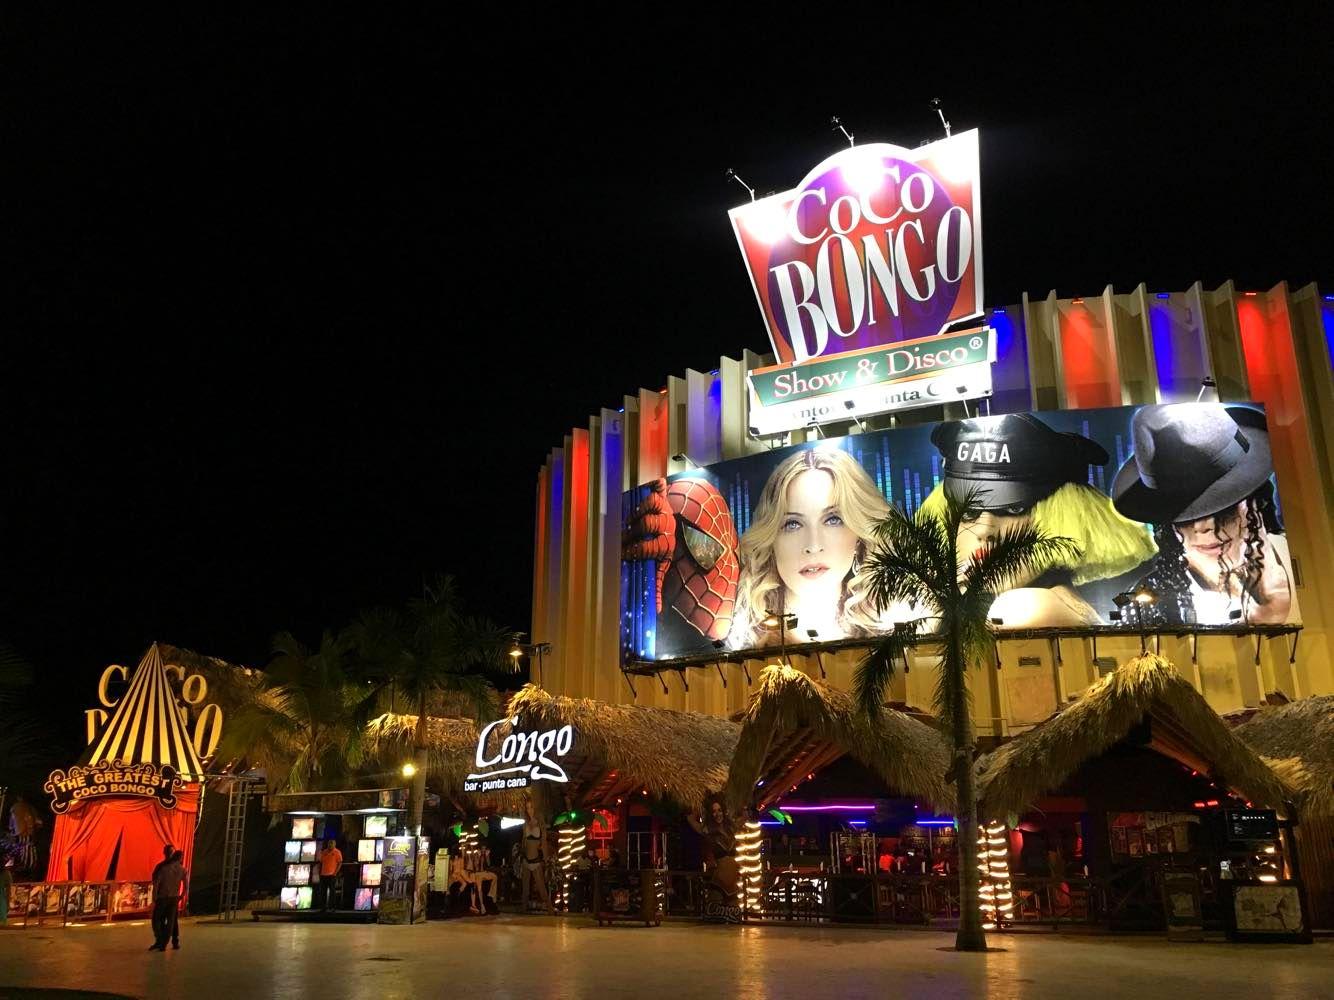 В Coco Bongo стартовала новая шоу-программа